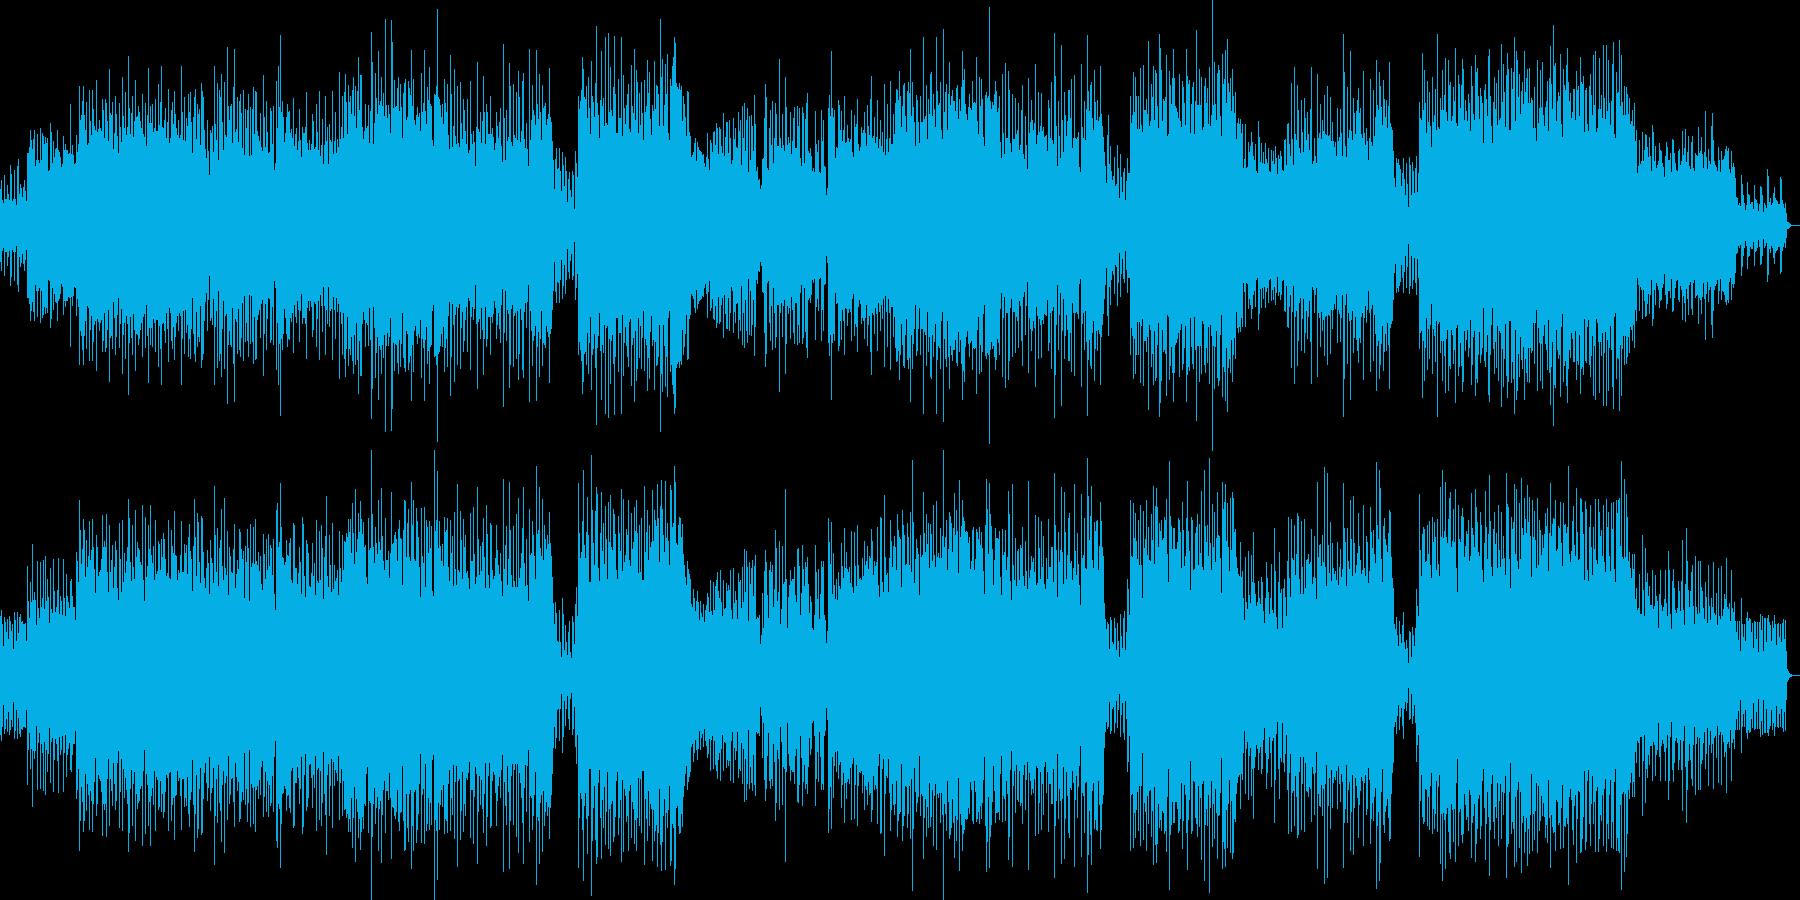 軽快で楽しい雰囲気のクリスマスソングの再生済みの波形